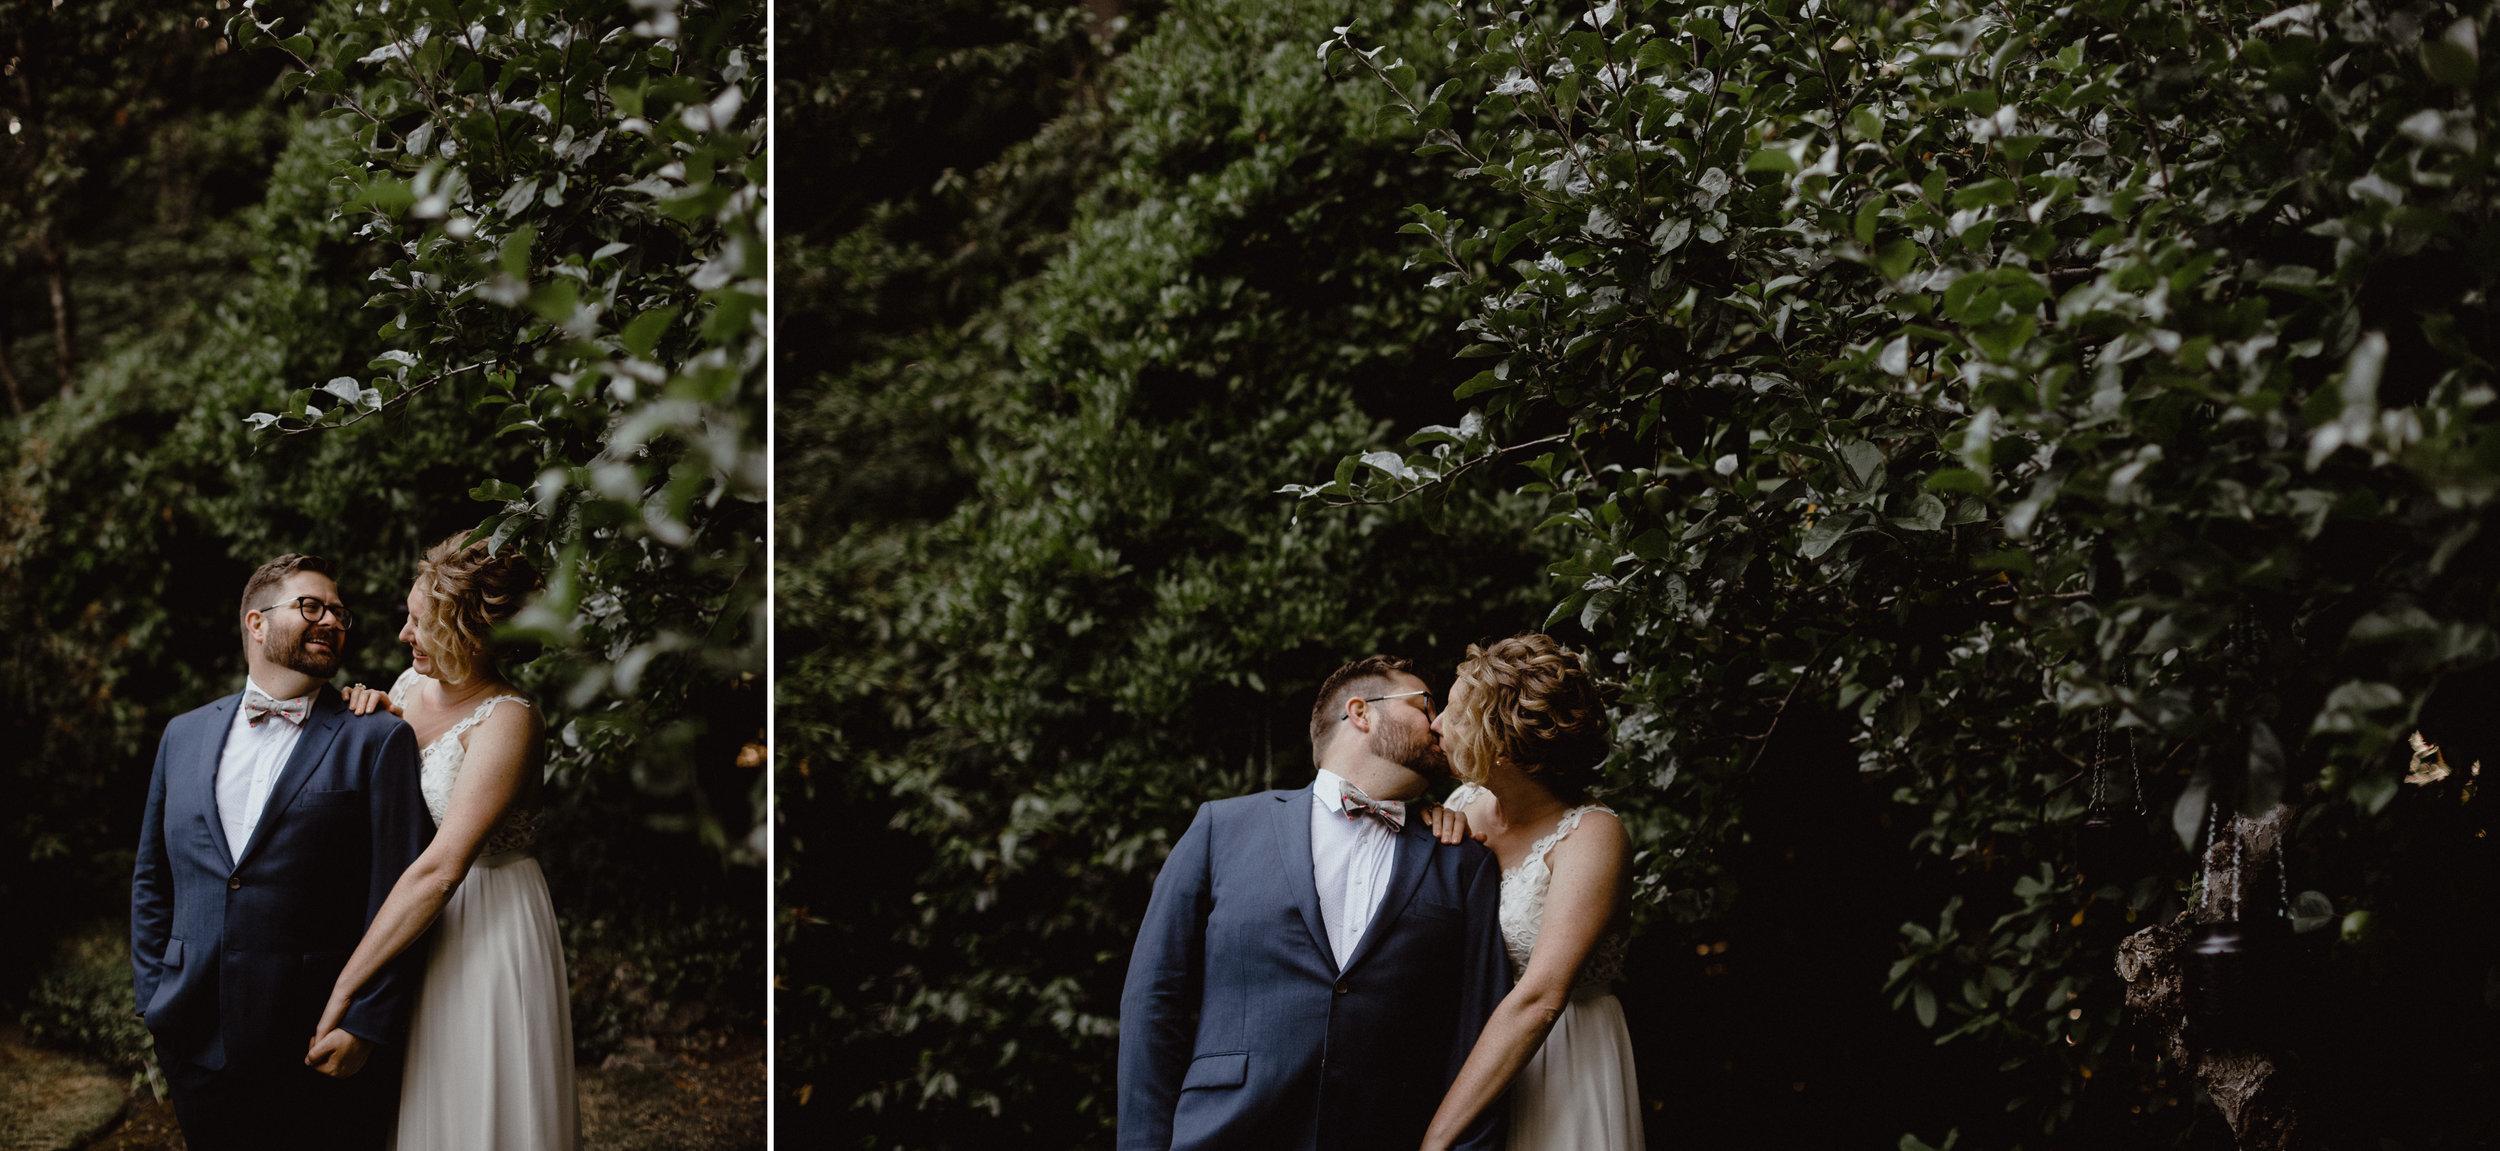 west-vancouver-backyard-wedding-184.jpg